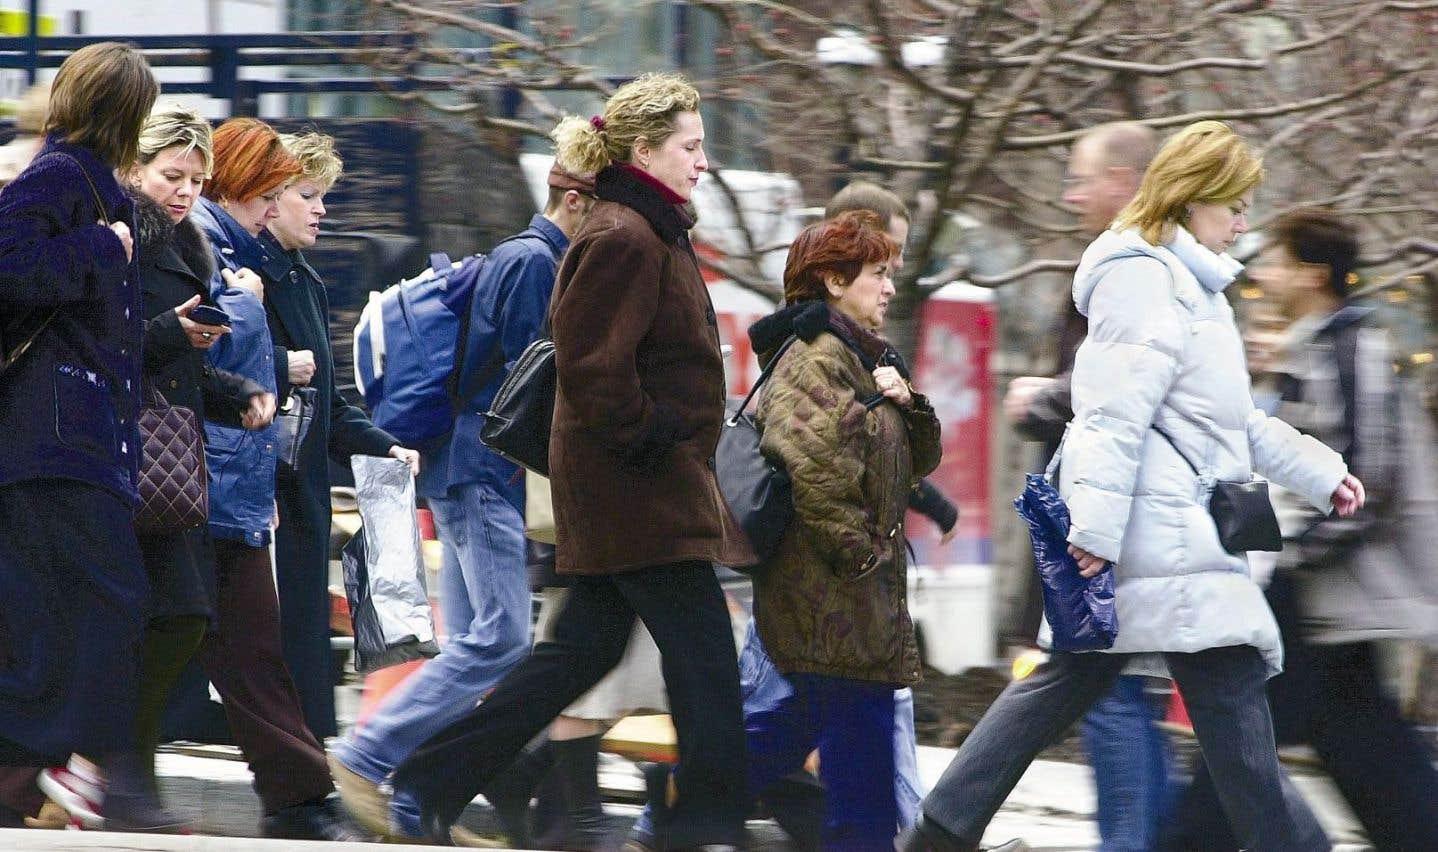 L'enjeu de la retraite est débattu depuis des années, en raison notamment de l'allongement de l'espérance de vie et le vieillissement de la population.